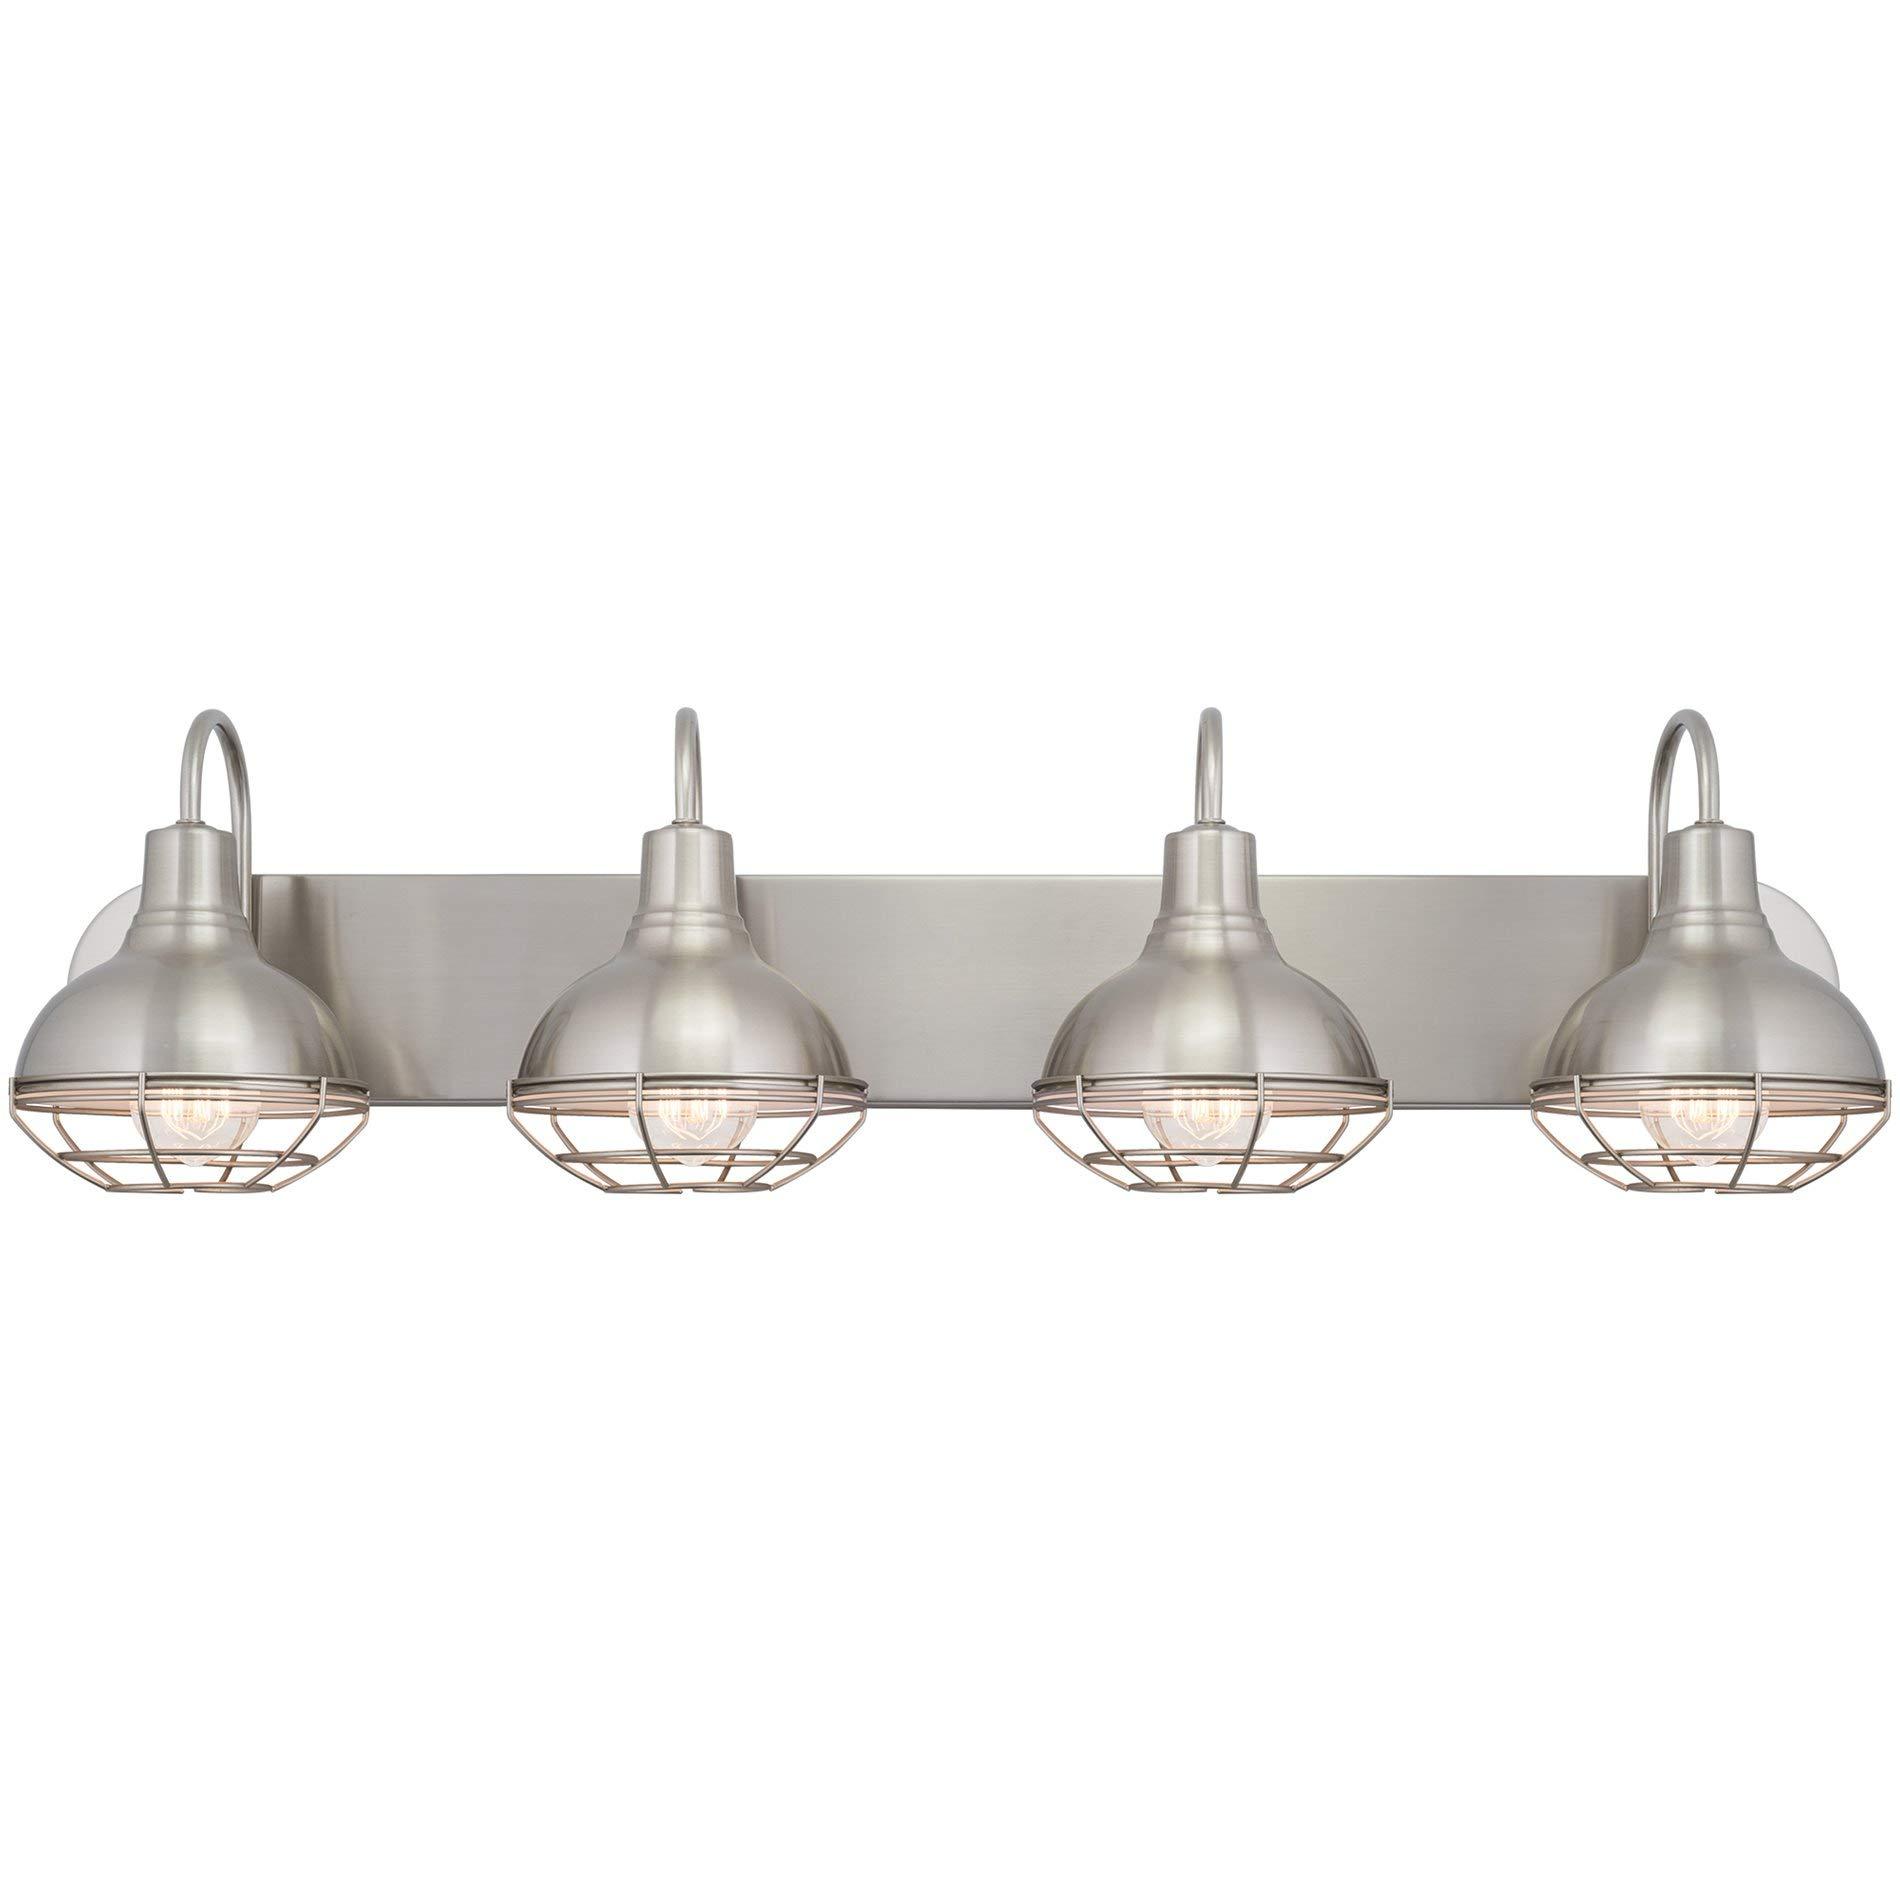 Best Rated In Vanity Lighting Fixtures Helpful Customer